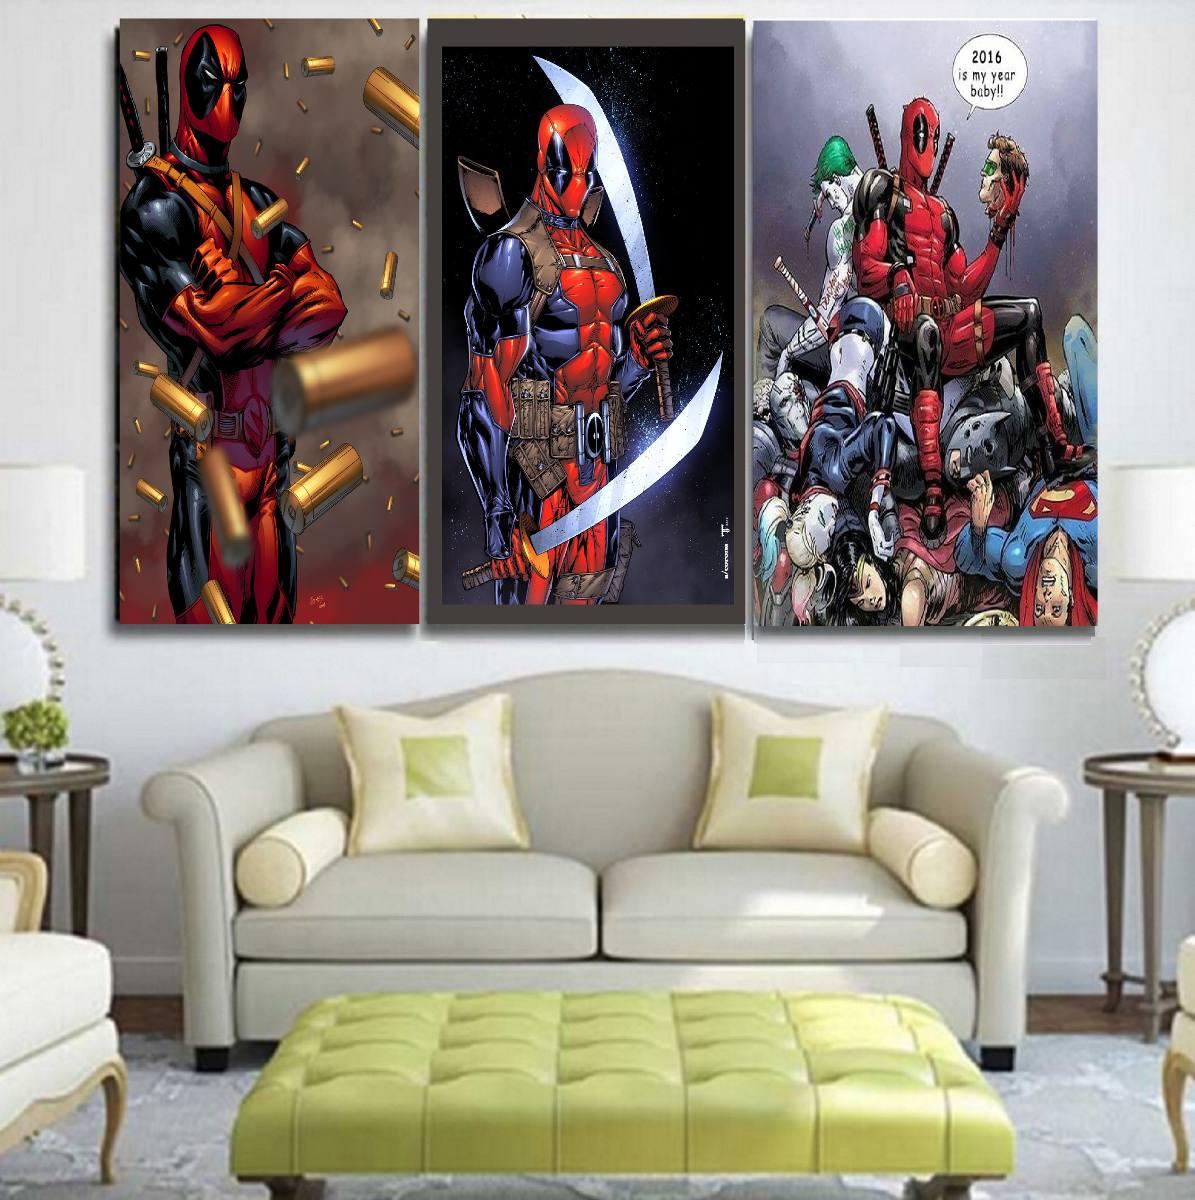 Deadpool cuadros habitacion sala fotos etc s 30 00 en mercado libre - Cuadros de habitacion ...